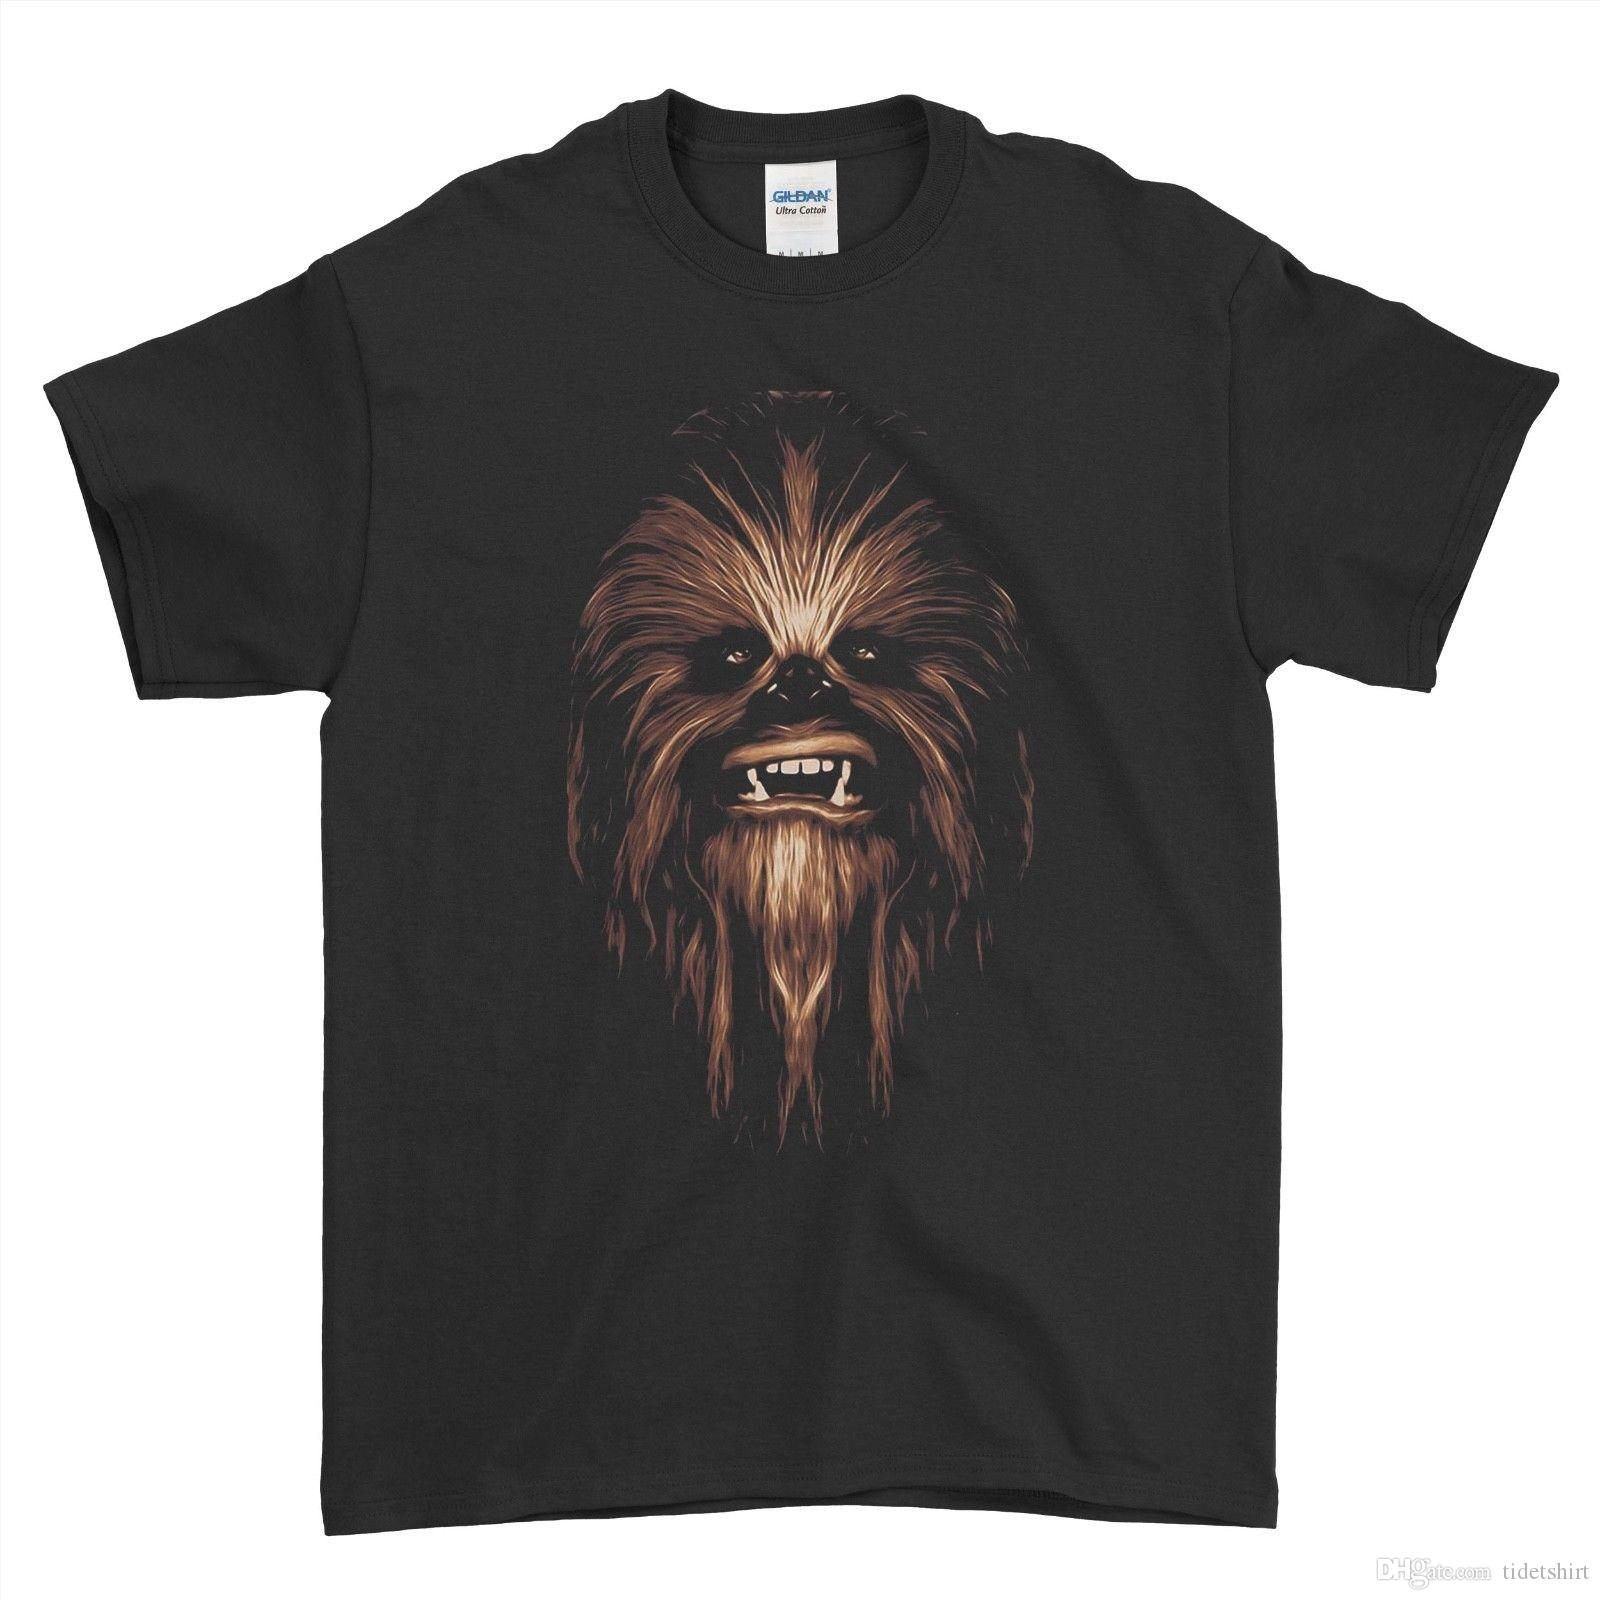 Grosshandel Chewbacca T Shirt Gesicht Chewie Darth Vader Wookie